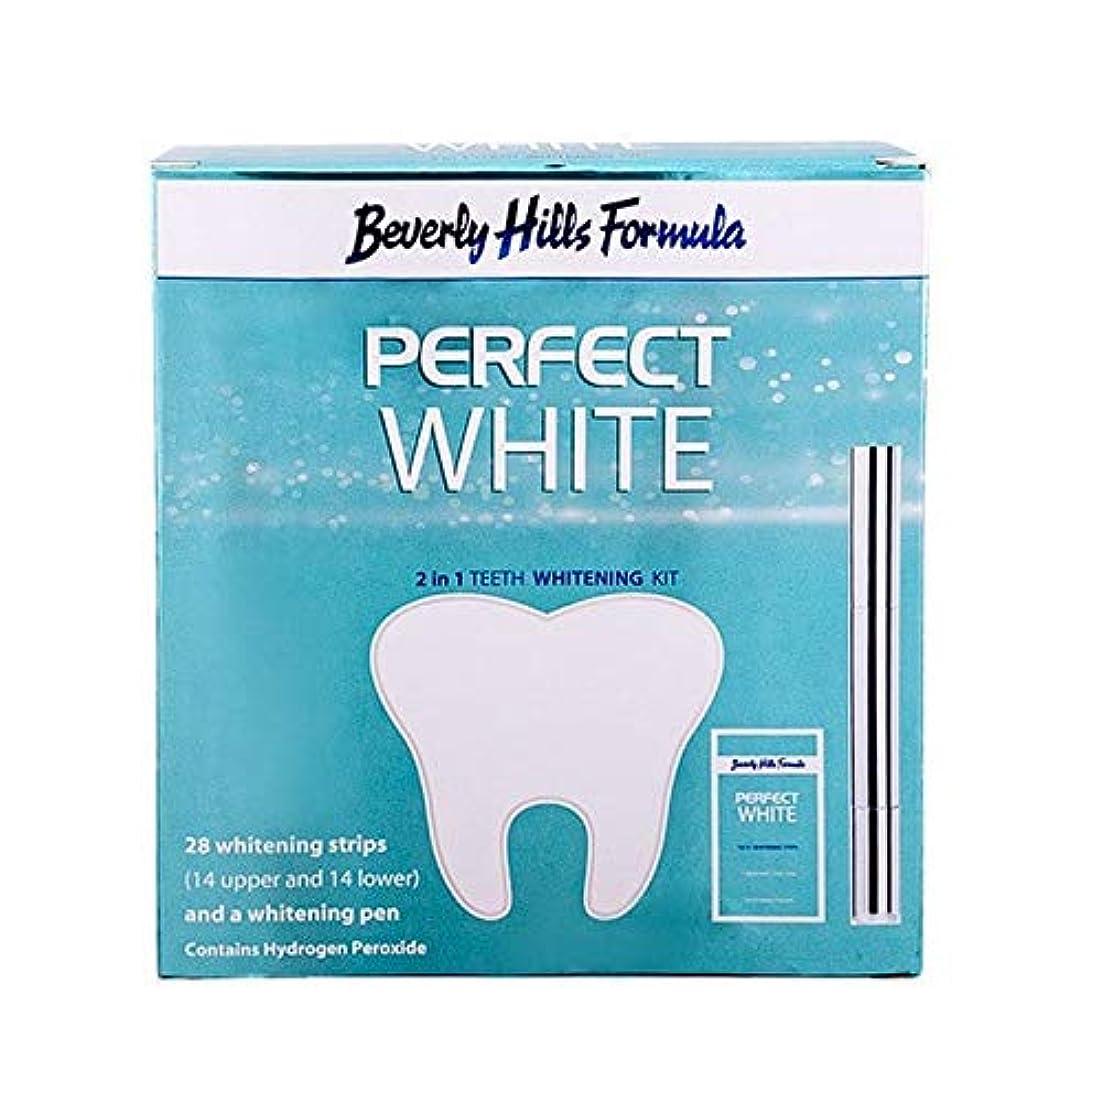 トーク報奨金ドラム[Beverly Hills ] ビバリーヒルズ公式パーフェクトホワイト2 1でホワイトニングキット - Beverly Hills Formula Perfect White 2 in 1 Whitening kit...